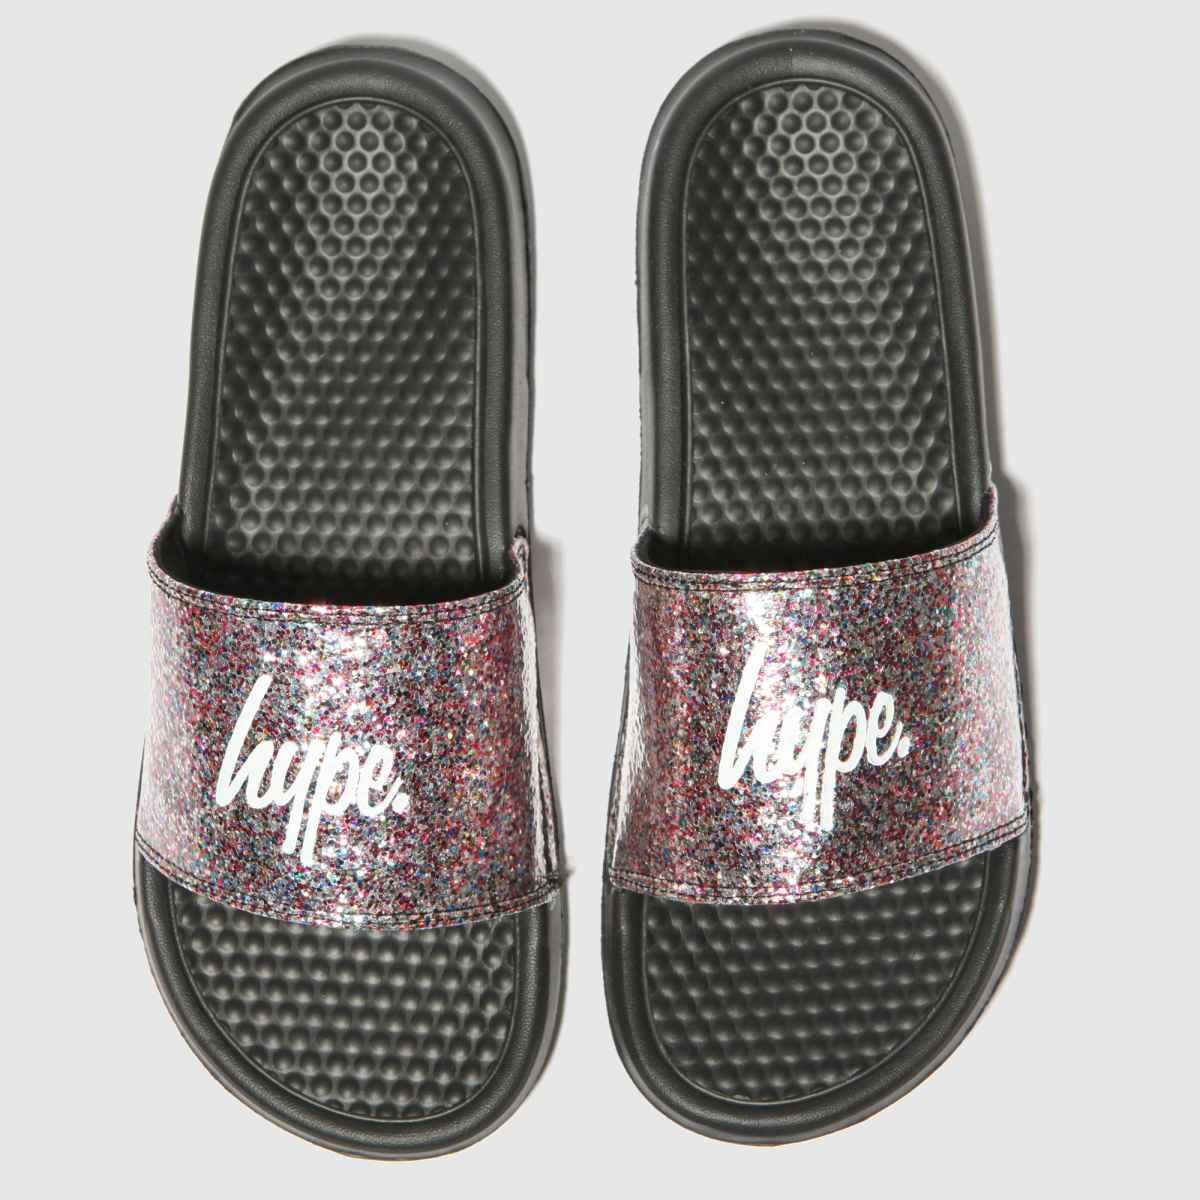 Hype Black & Silver Glitter Slider Sandals